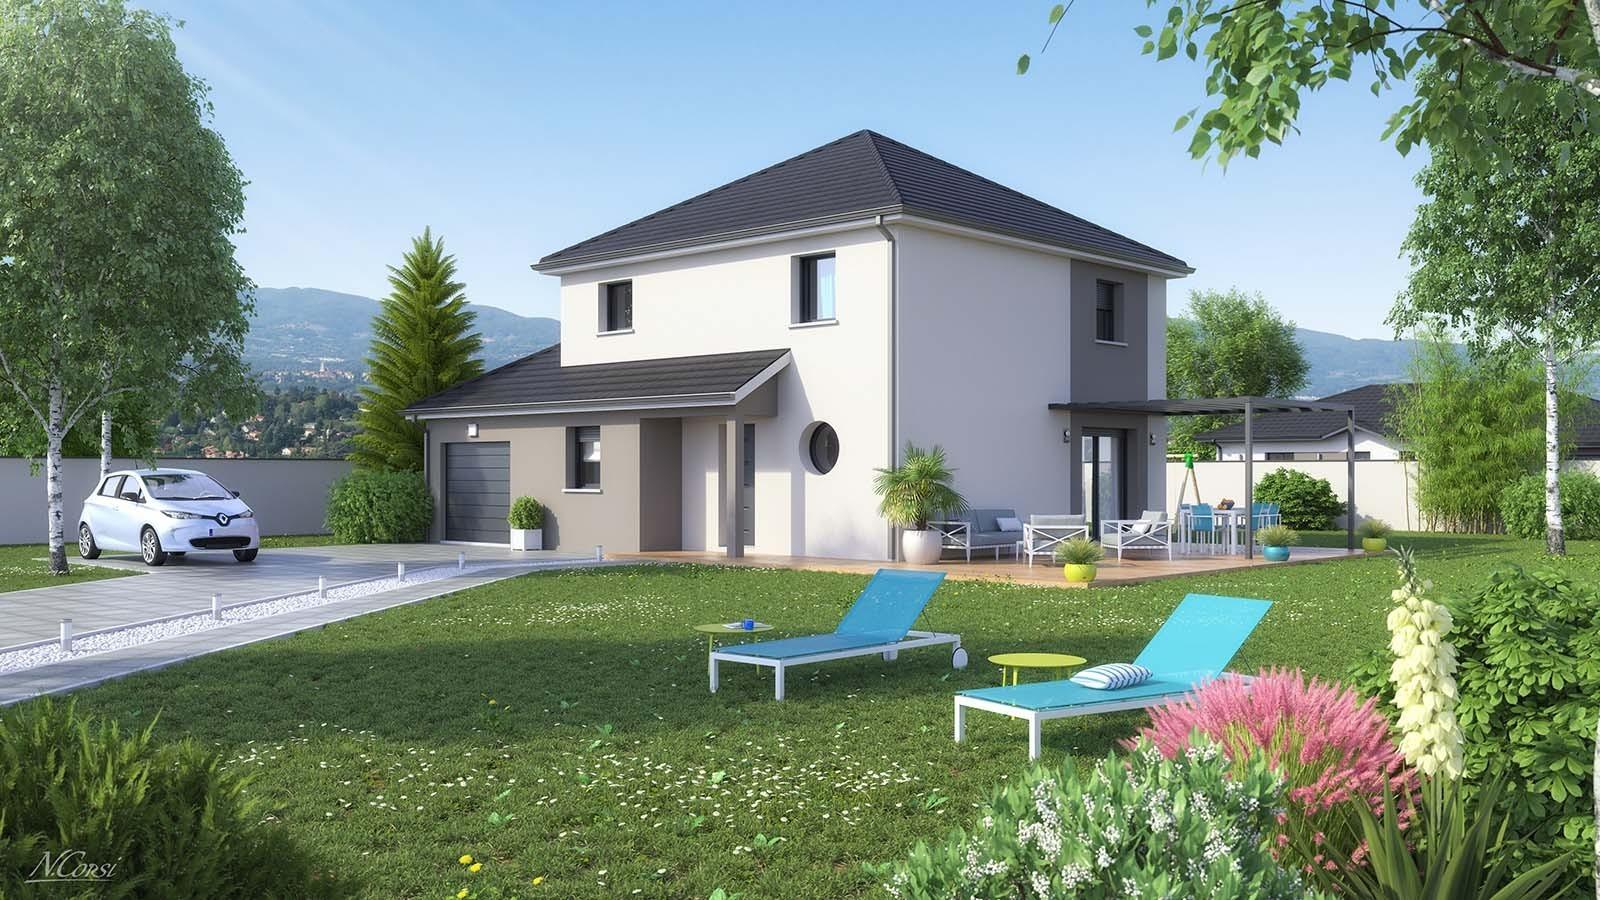 Maisons optimal constructeur de maisons individuelles for Constructeur de maison 43